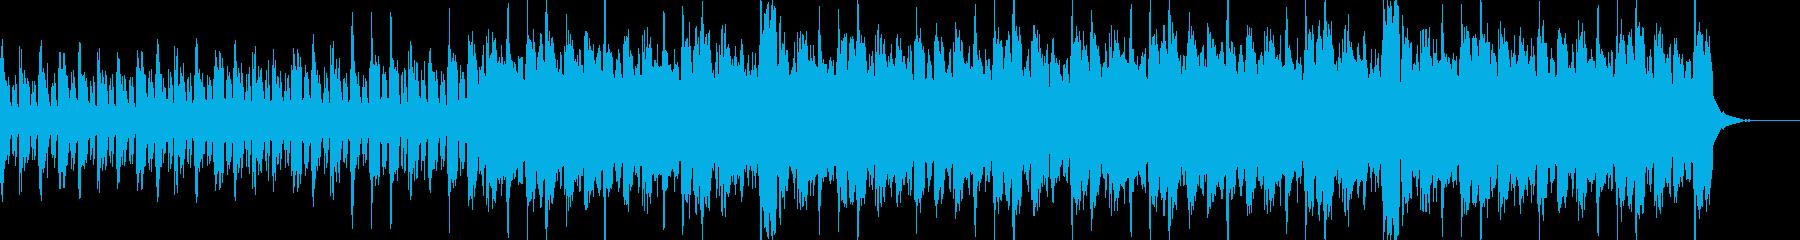 奇妙な曲/ホラーやミステリーなどに!の再生済みの波形